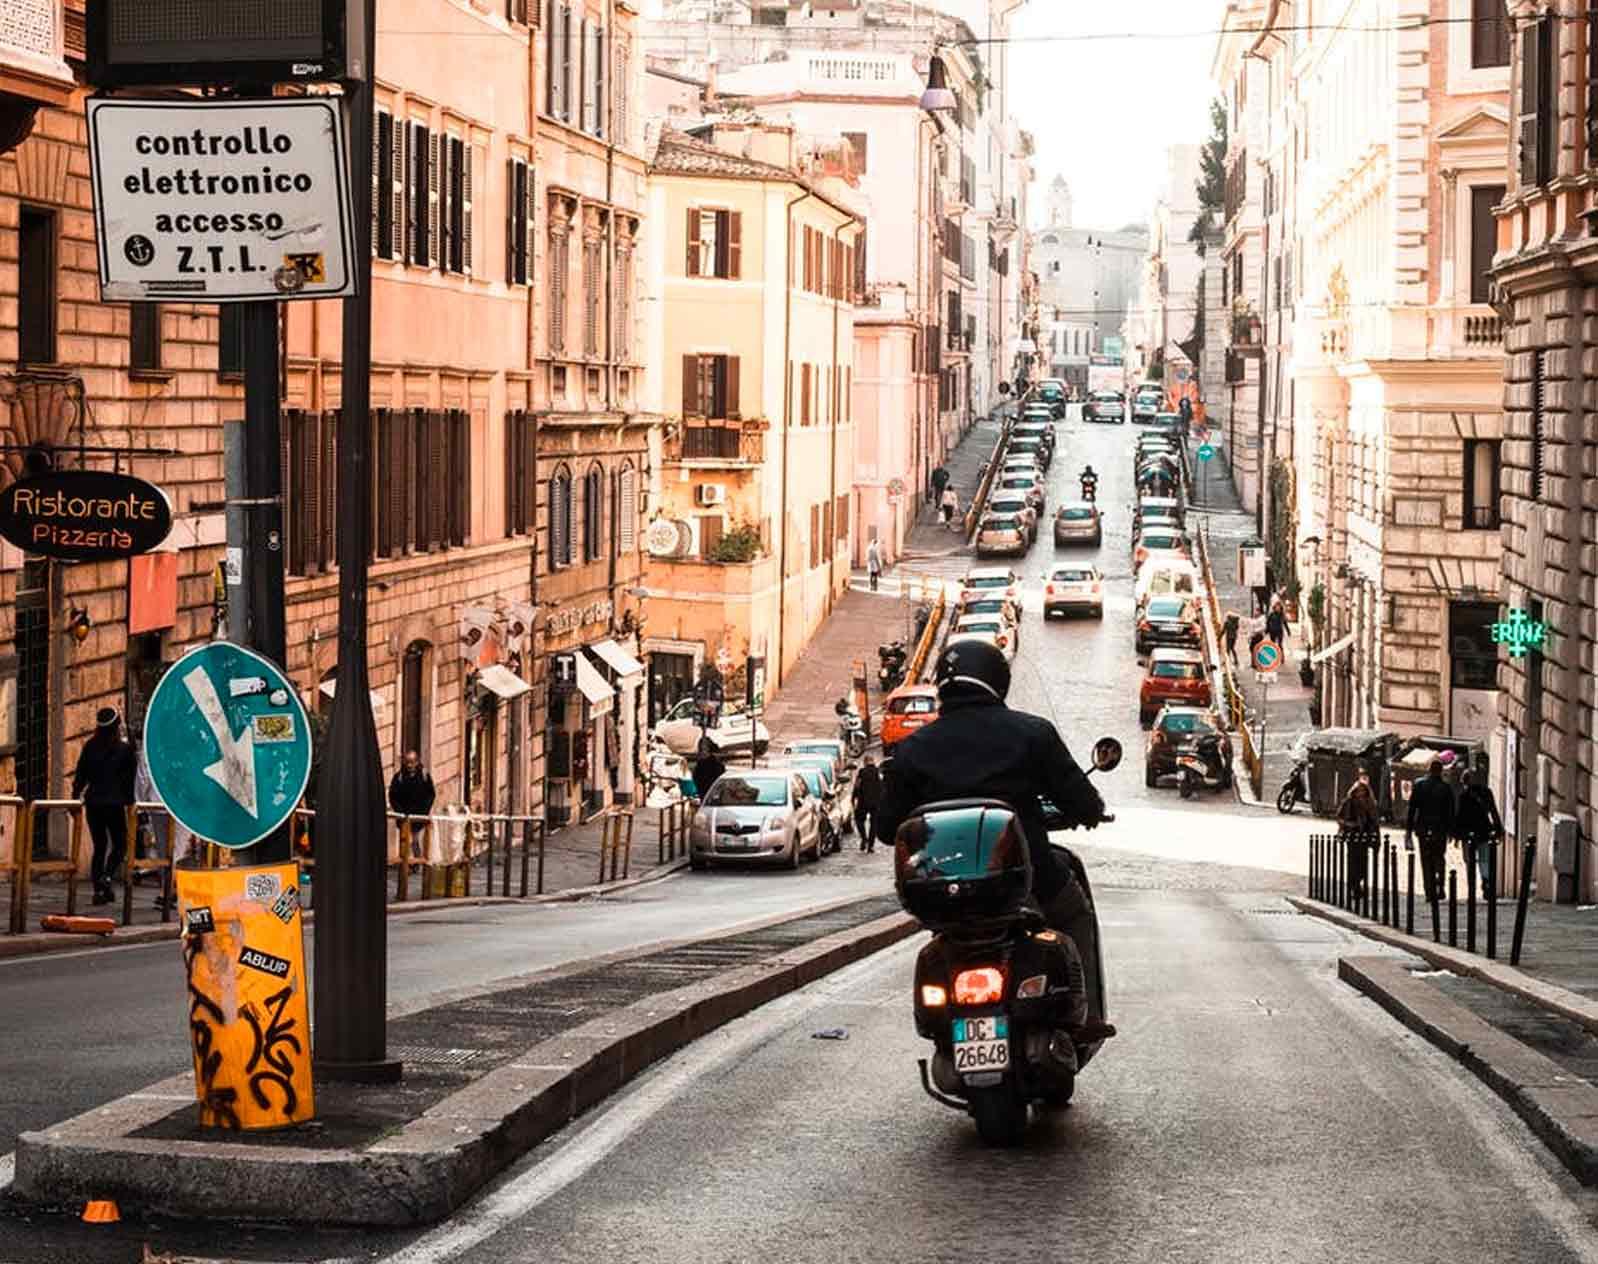 Italianos en España: tips y datos curiosos